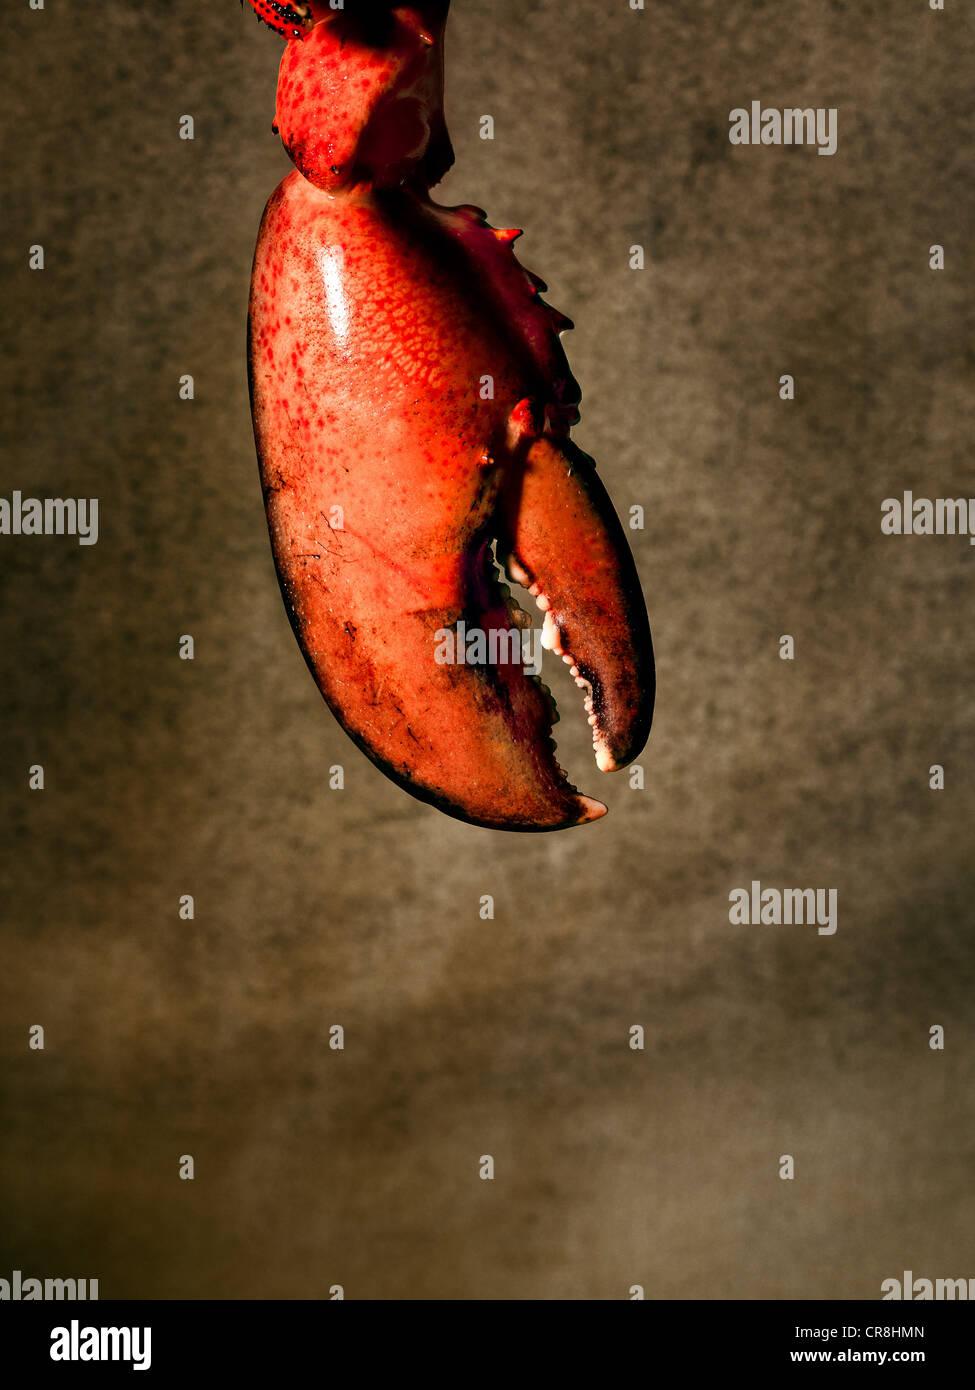 Hummergreifer Stockbild